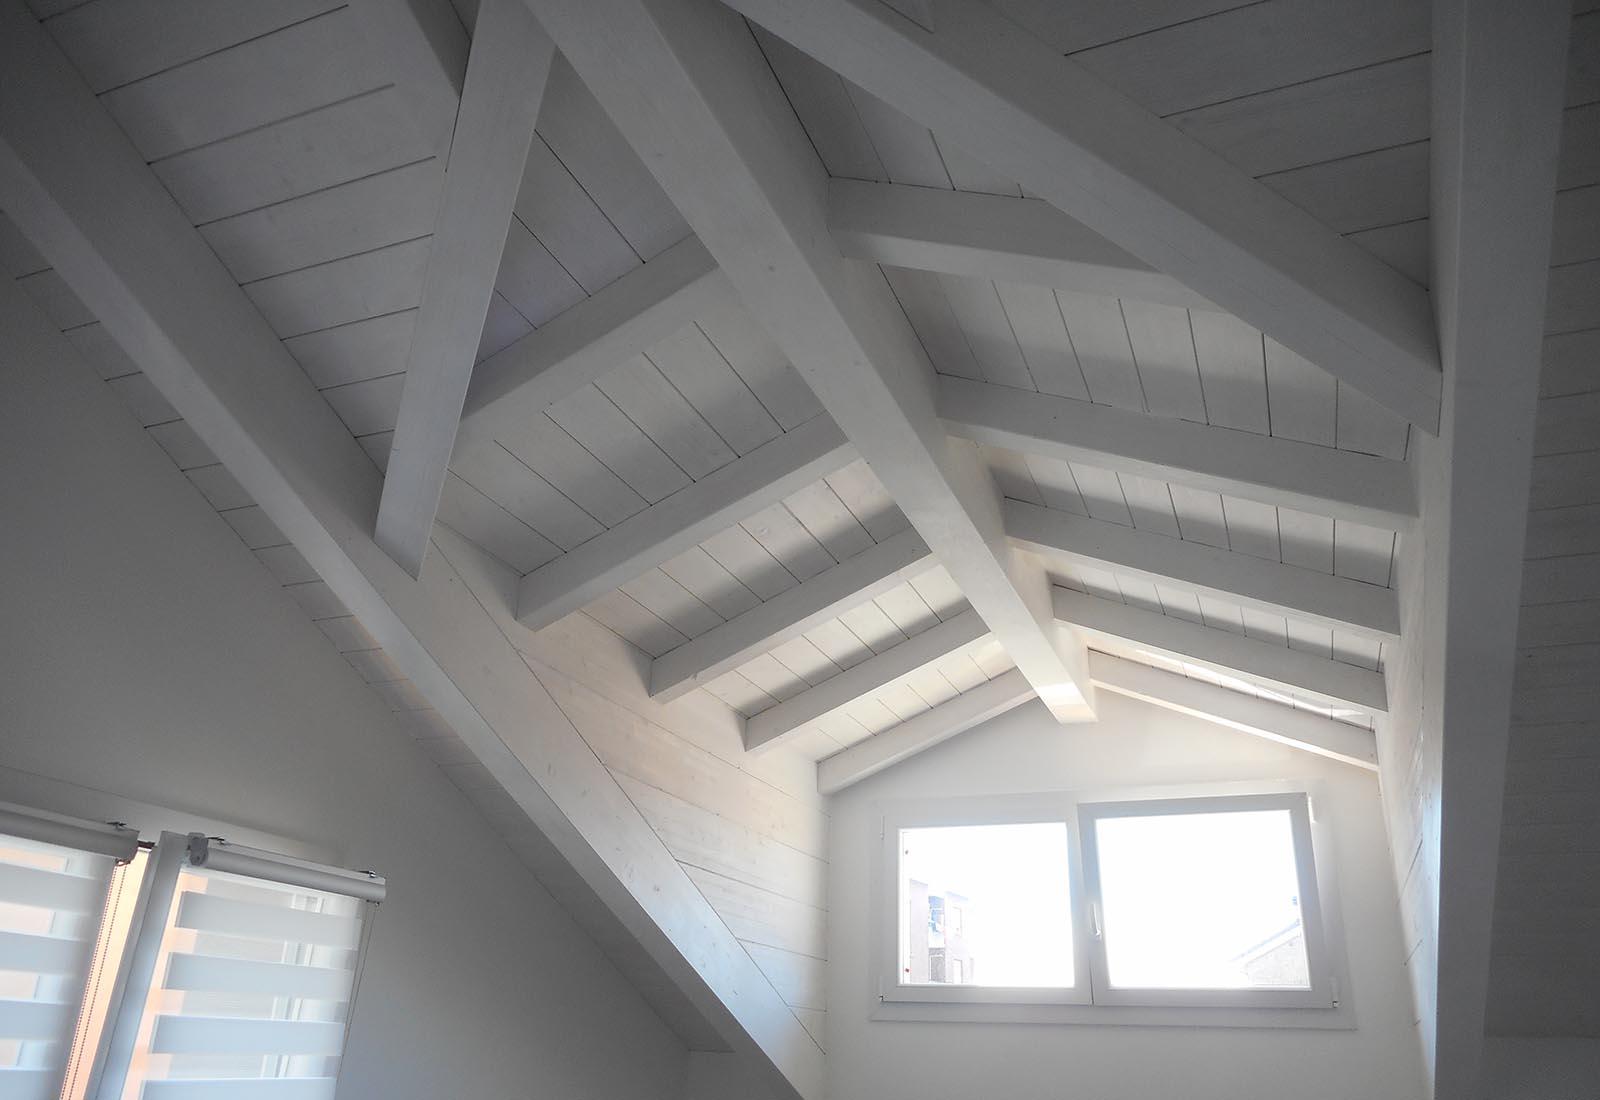 Casa a Rho in via Crocefisso - Intradosso del tetto